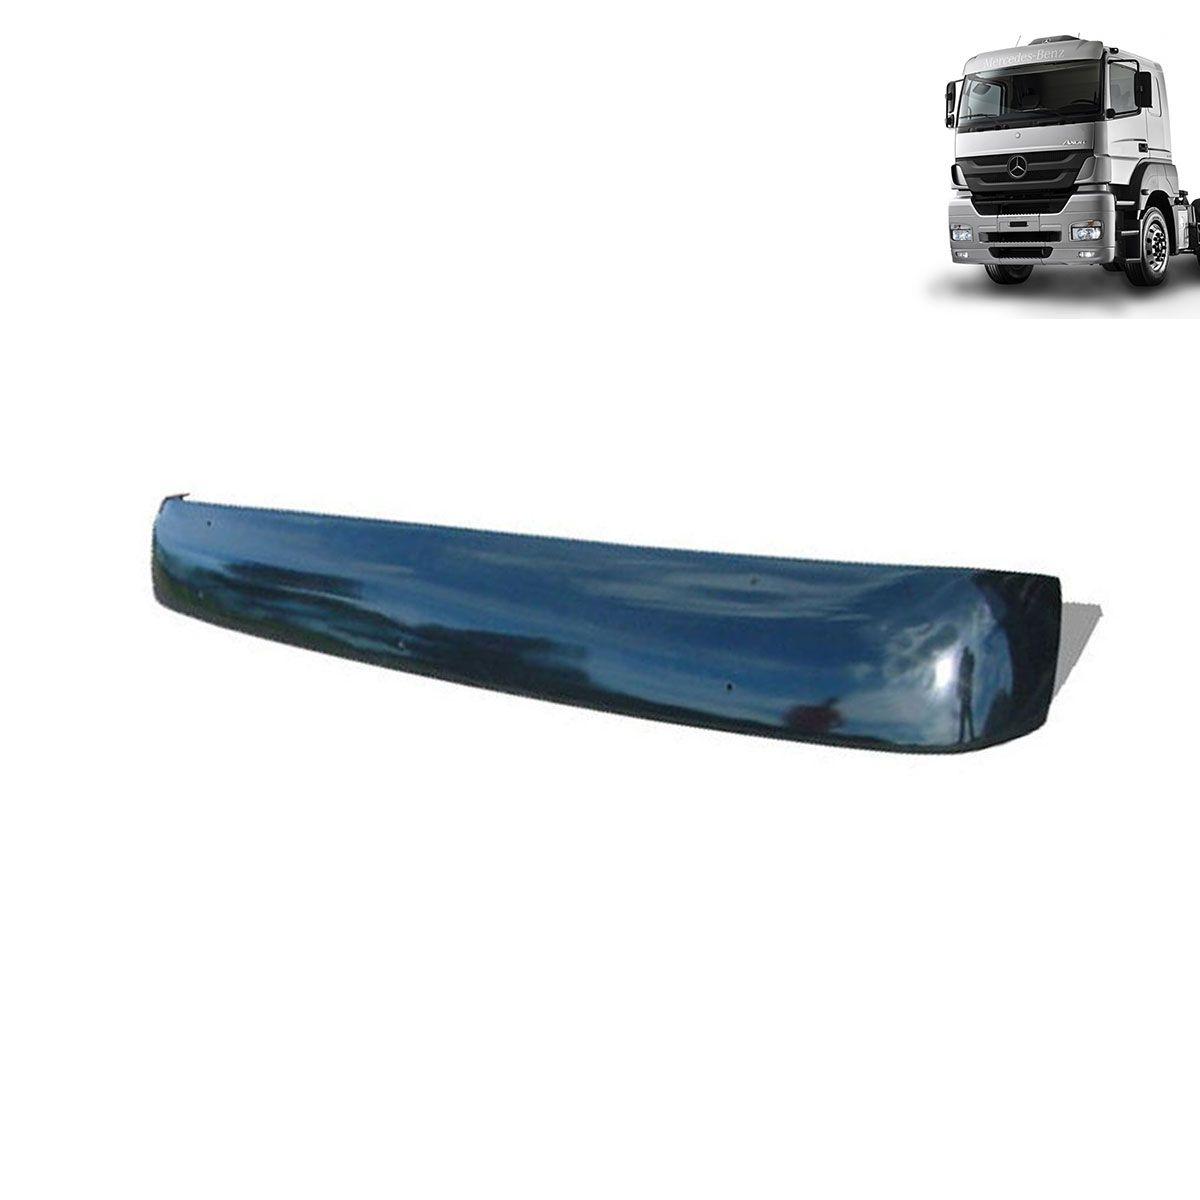 Tapa-Sol Mercedes-Benz Atego e Axor Cabine Baixa